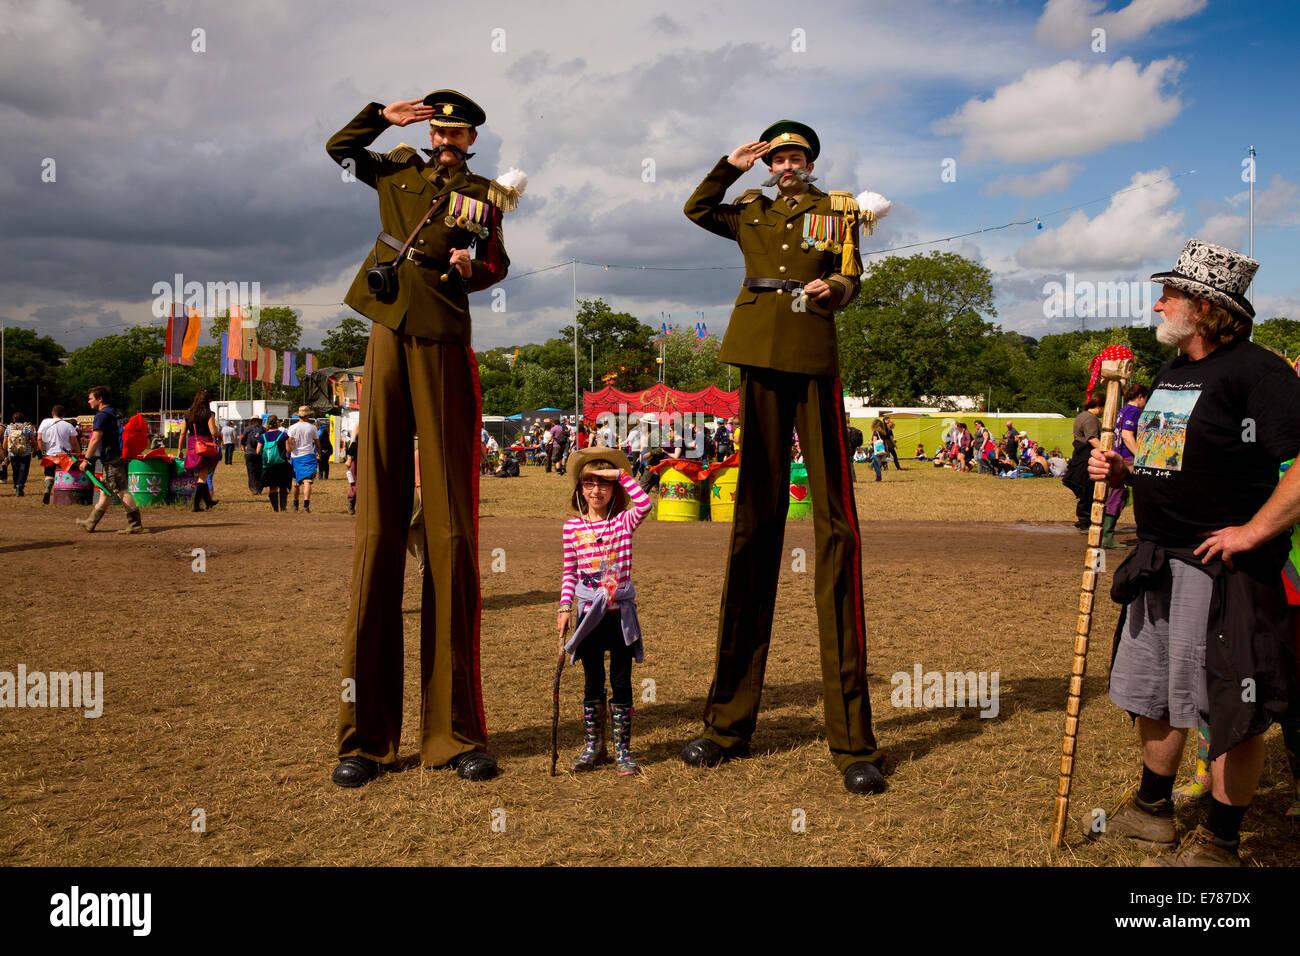 Séance de photo avec des soldats sur des échasses, Glastonbury Festival 2014 Photo Stock